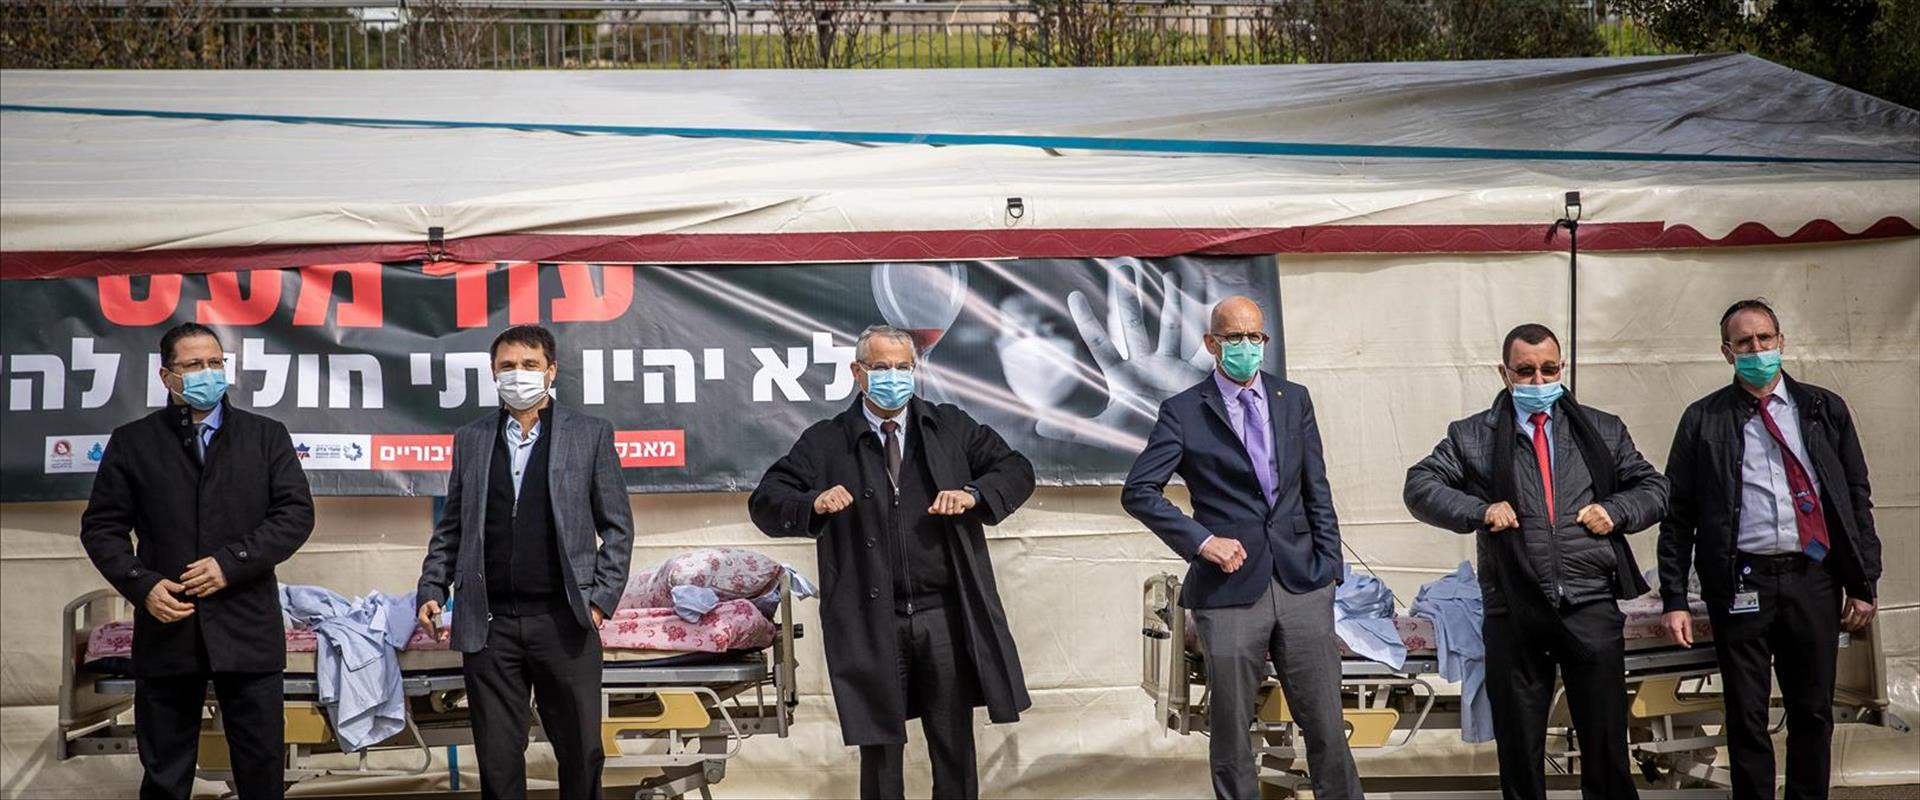 מחאת מנהלי בתי החולים הציבוריים